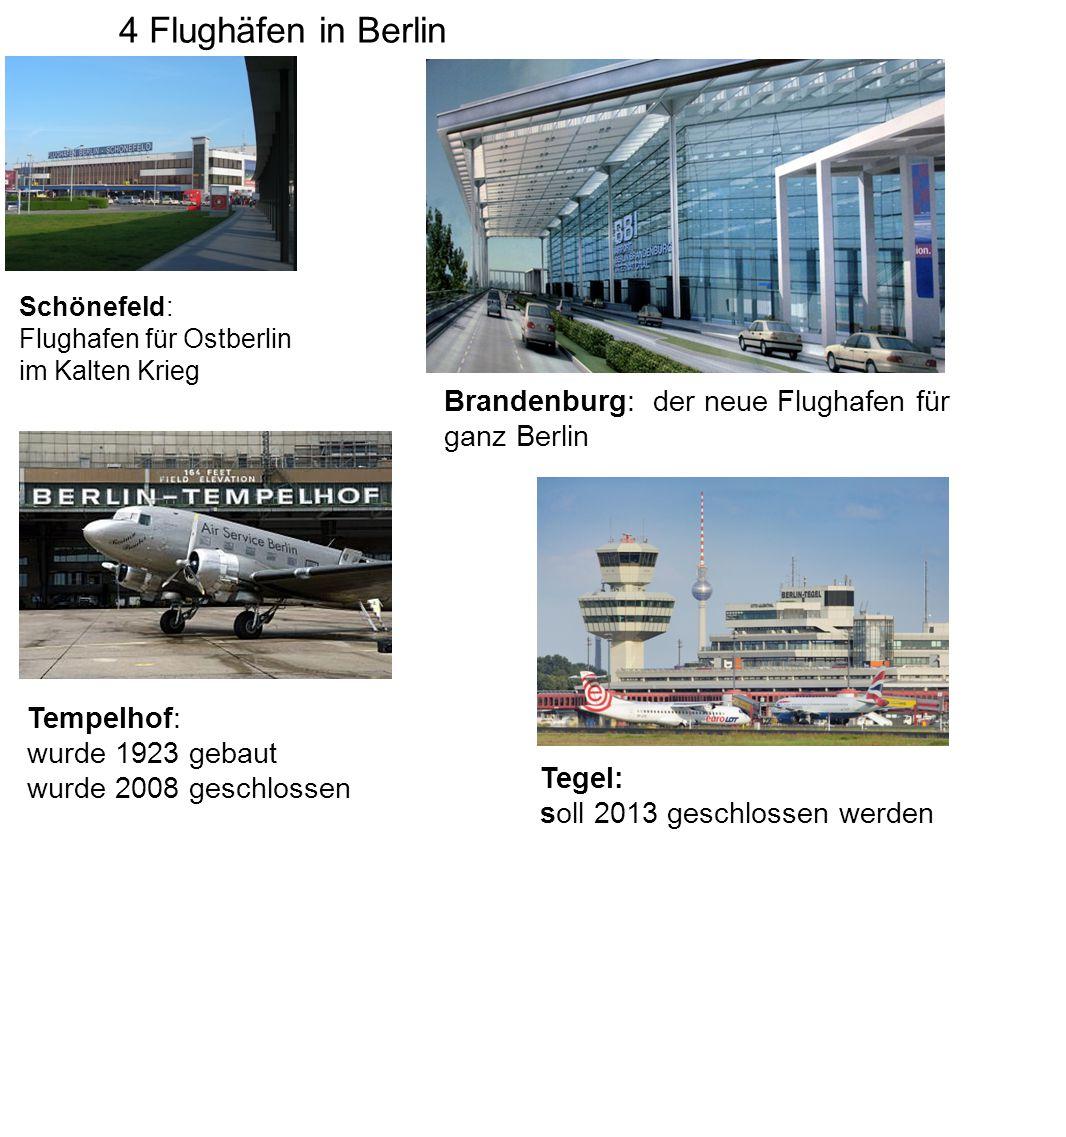 4 Flughäfen in Berlin Schönefeld: Flughafen für Ostberlin im Kalten Krieg Tempelhof: wurde 1923 gebaut wurde 2008 geschlossen Tegel: soll 2013 geschlossen werden Brandenburg: der neue Flughafen für ganz Berlin